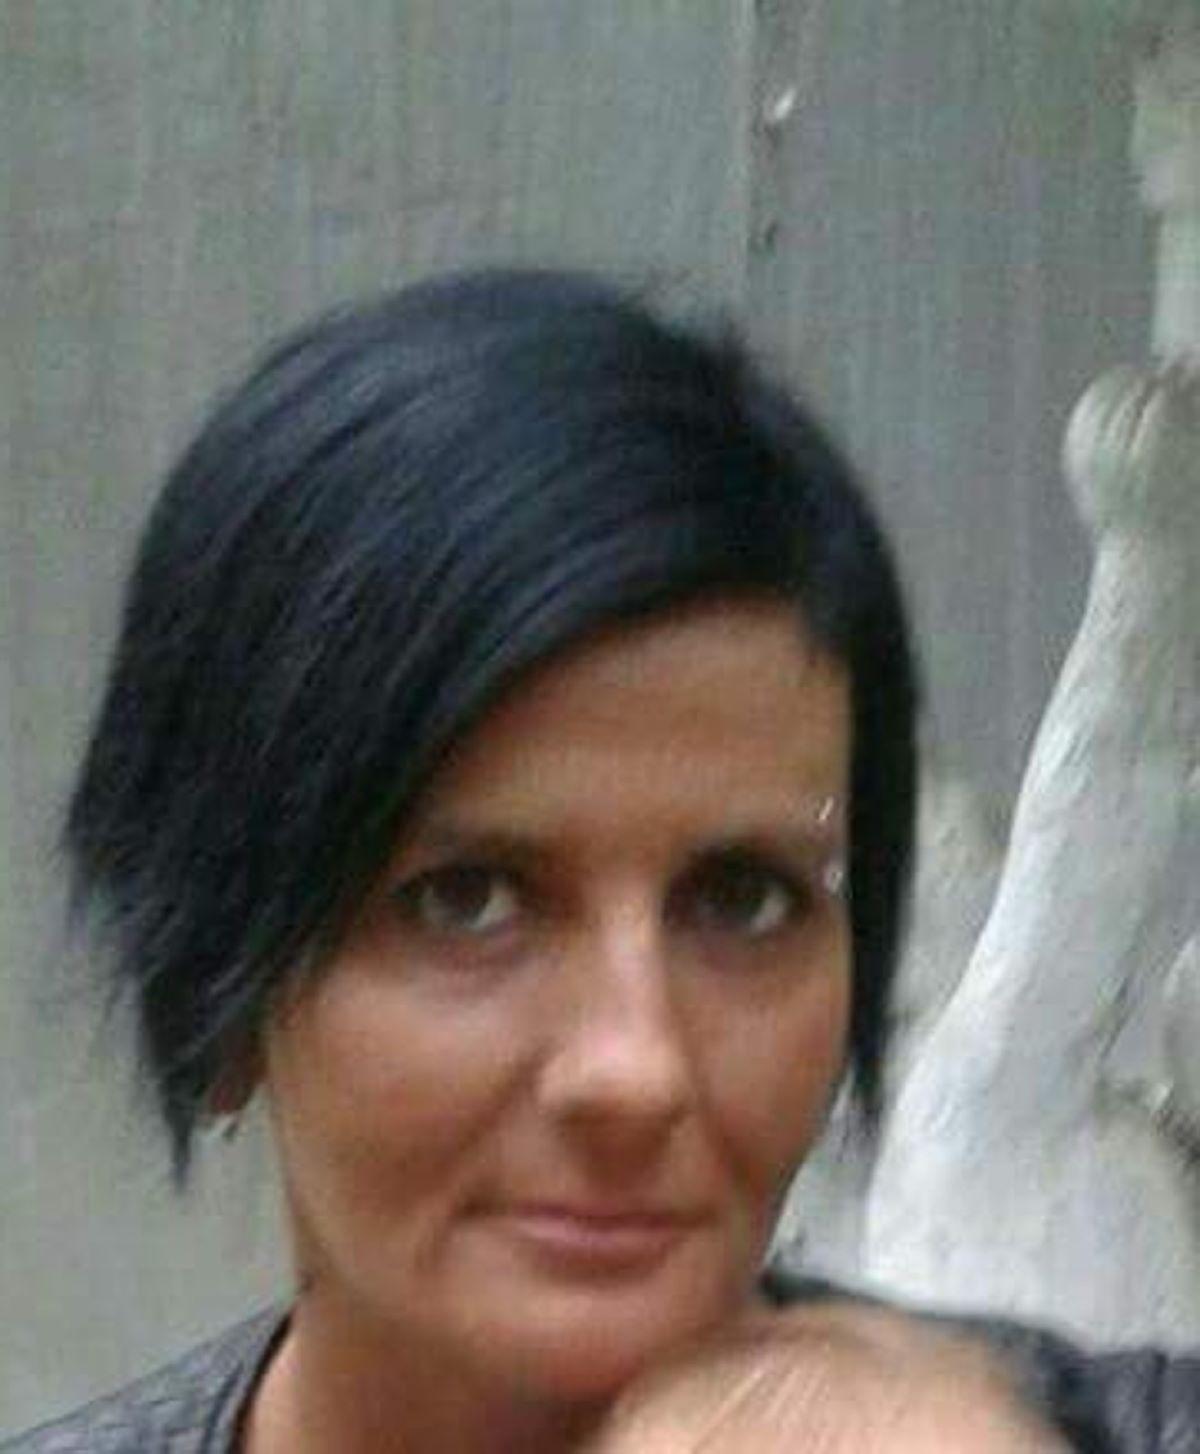 Antonella Sofia Morta Corpo Adda Scomparsa 19 Settembre Lodi